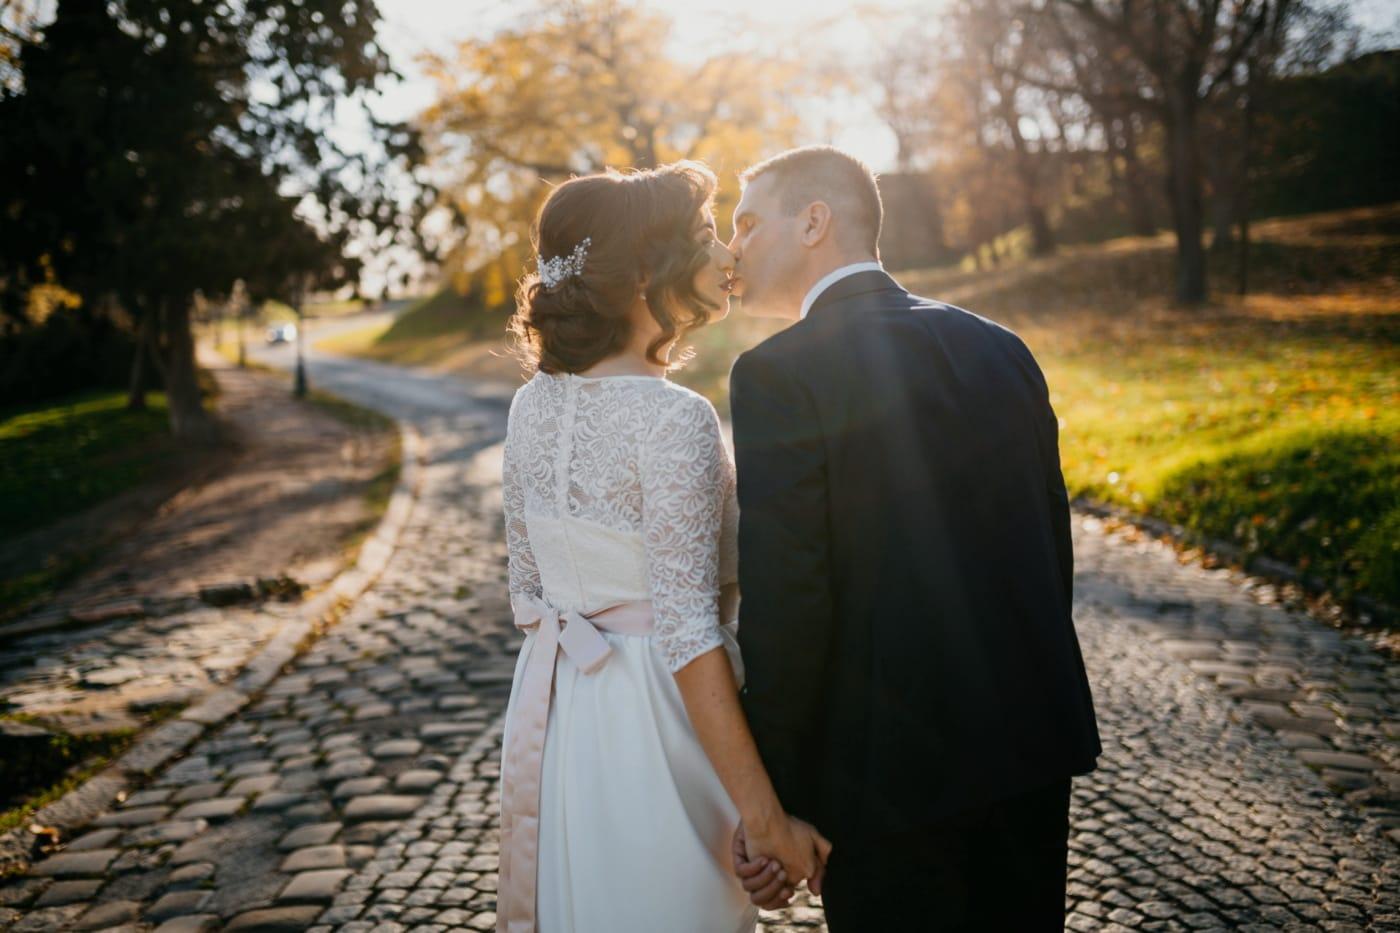 любовна среща, нежност, емоция, Любов, Целувка, слънчевите лъчи, брак, прегръдка, младоженец, сватба